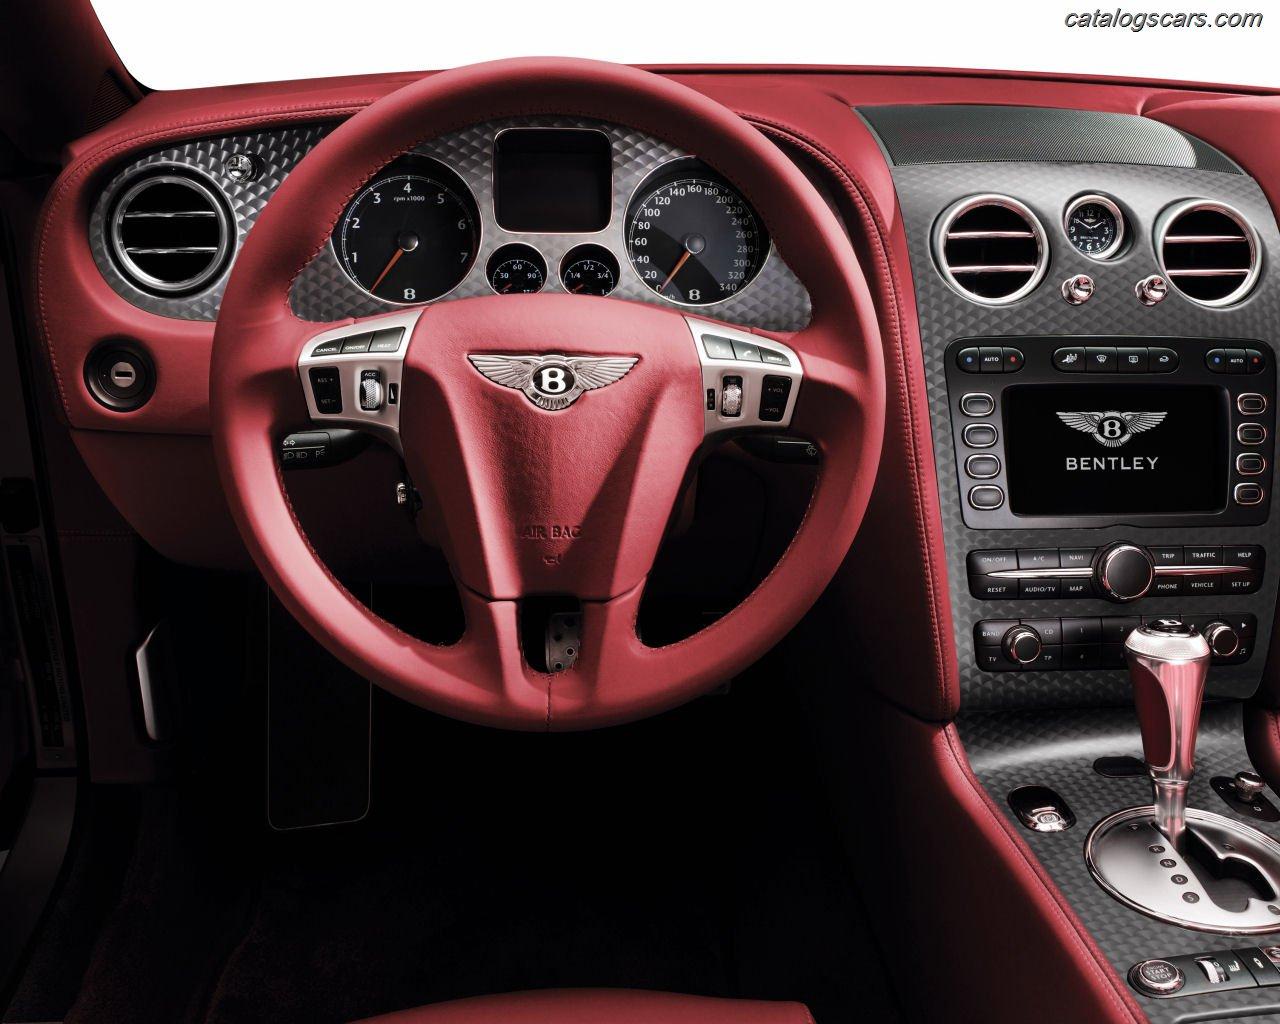 صور سيارة بنتلى كونتيننتال جى تى سى سبيد 2014 - اجمل خلفيات صور عربية بنتلى كونتيننتال جى تى سى سبيد 2014 - Bentley Continental Gtc Speed Photos Bentley-Continental-Gtc-Speed-2011-07.jpg